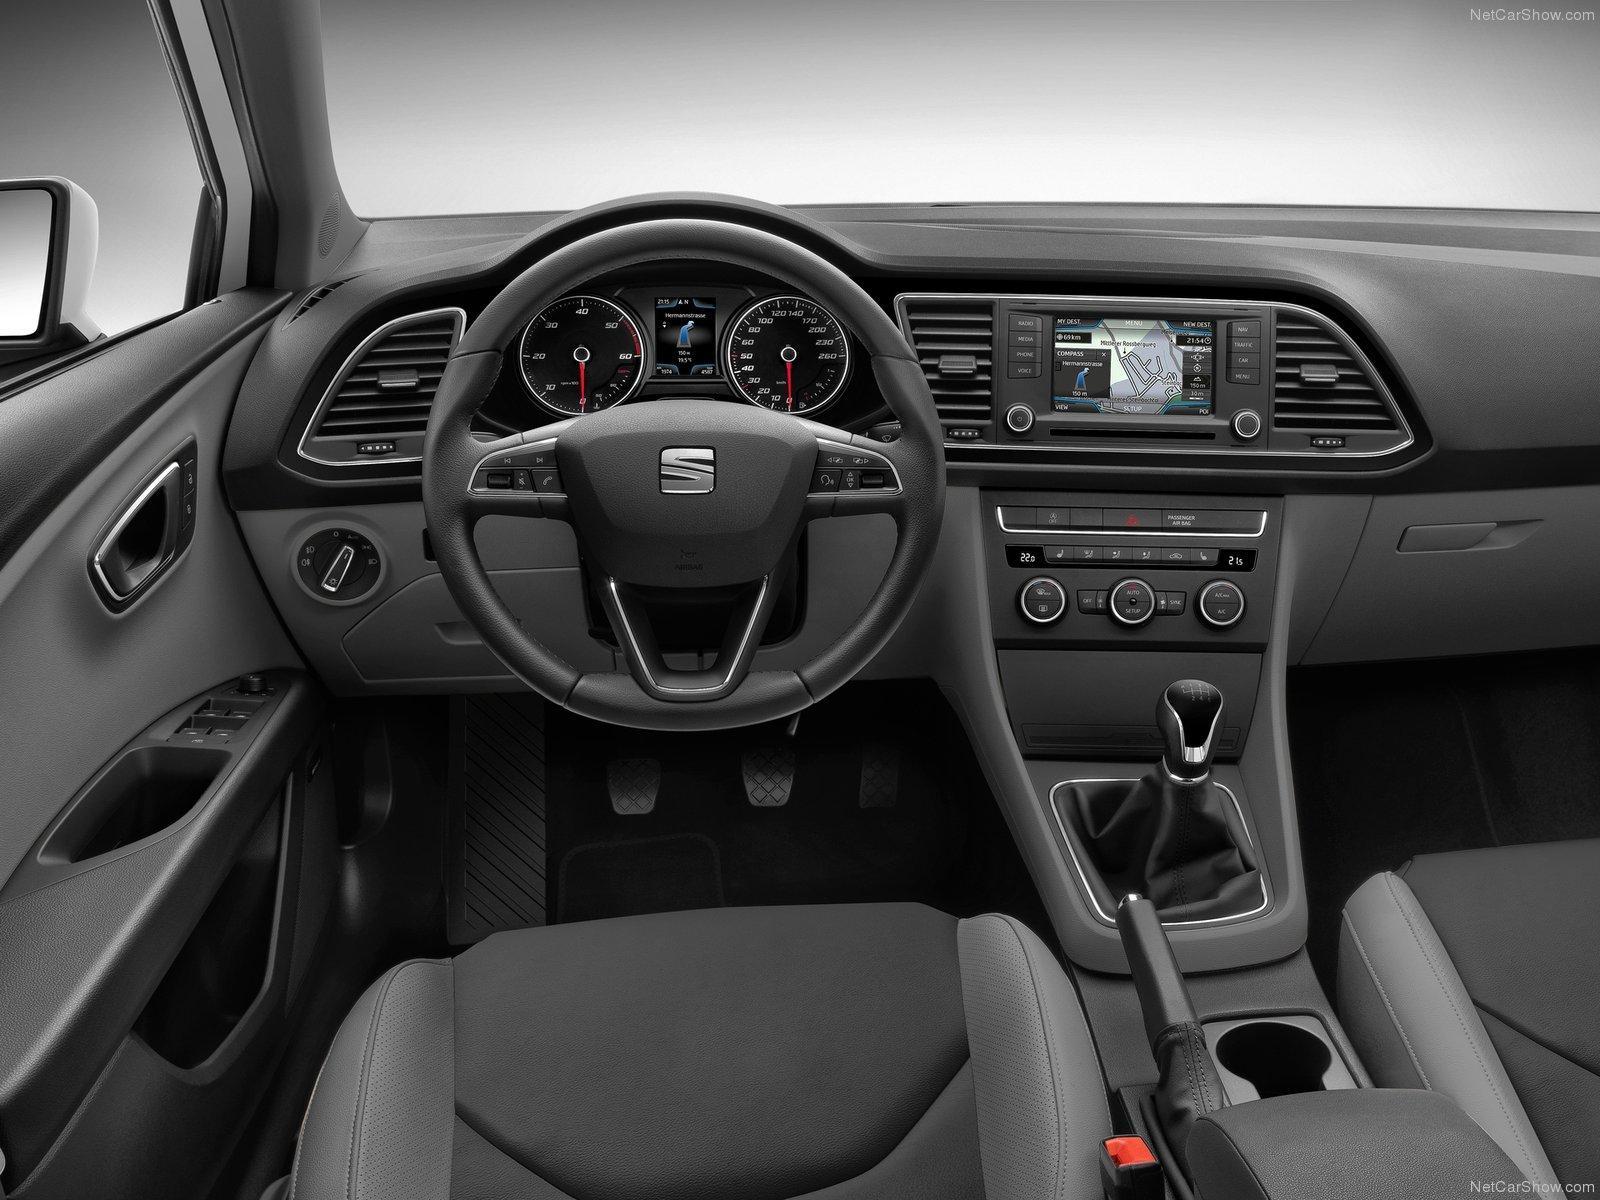 Seat Leon FR 2.0 TDI 184 PS DSG (Automatik) Klimaautom. Bluetooth ...